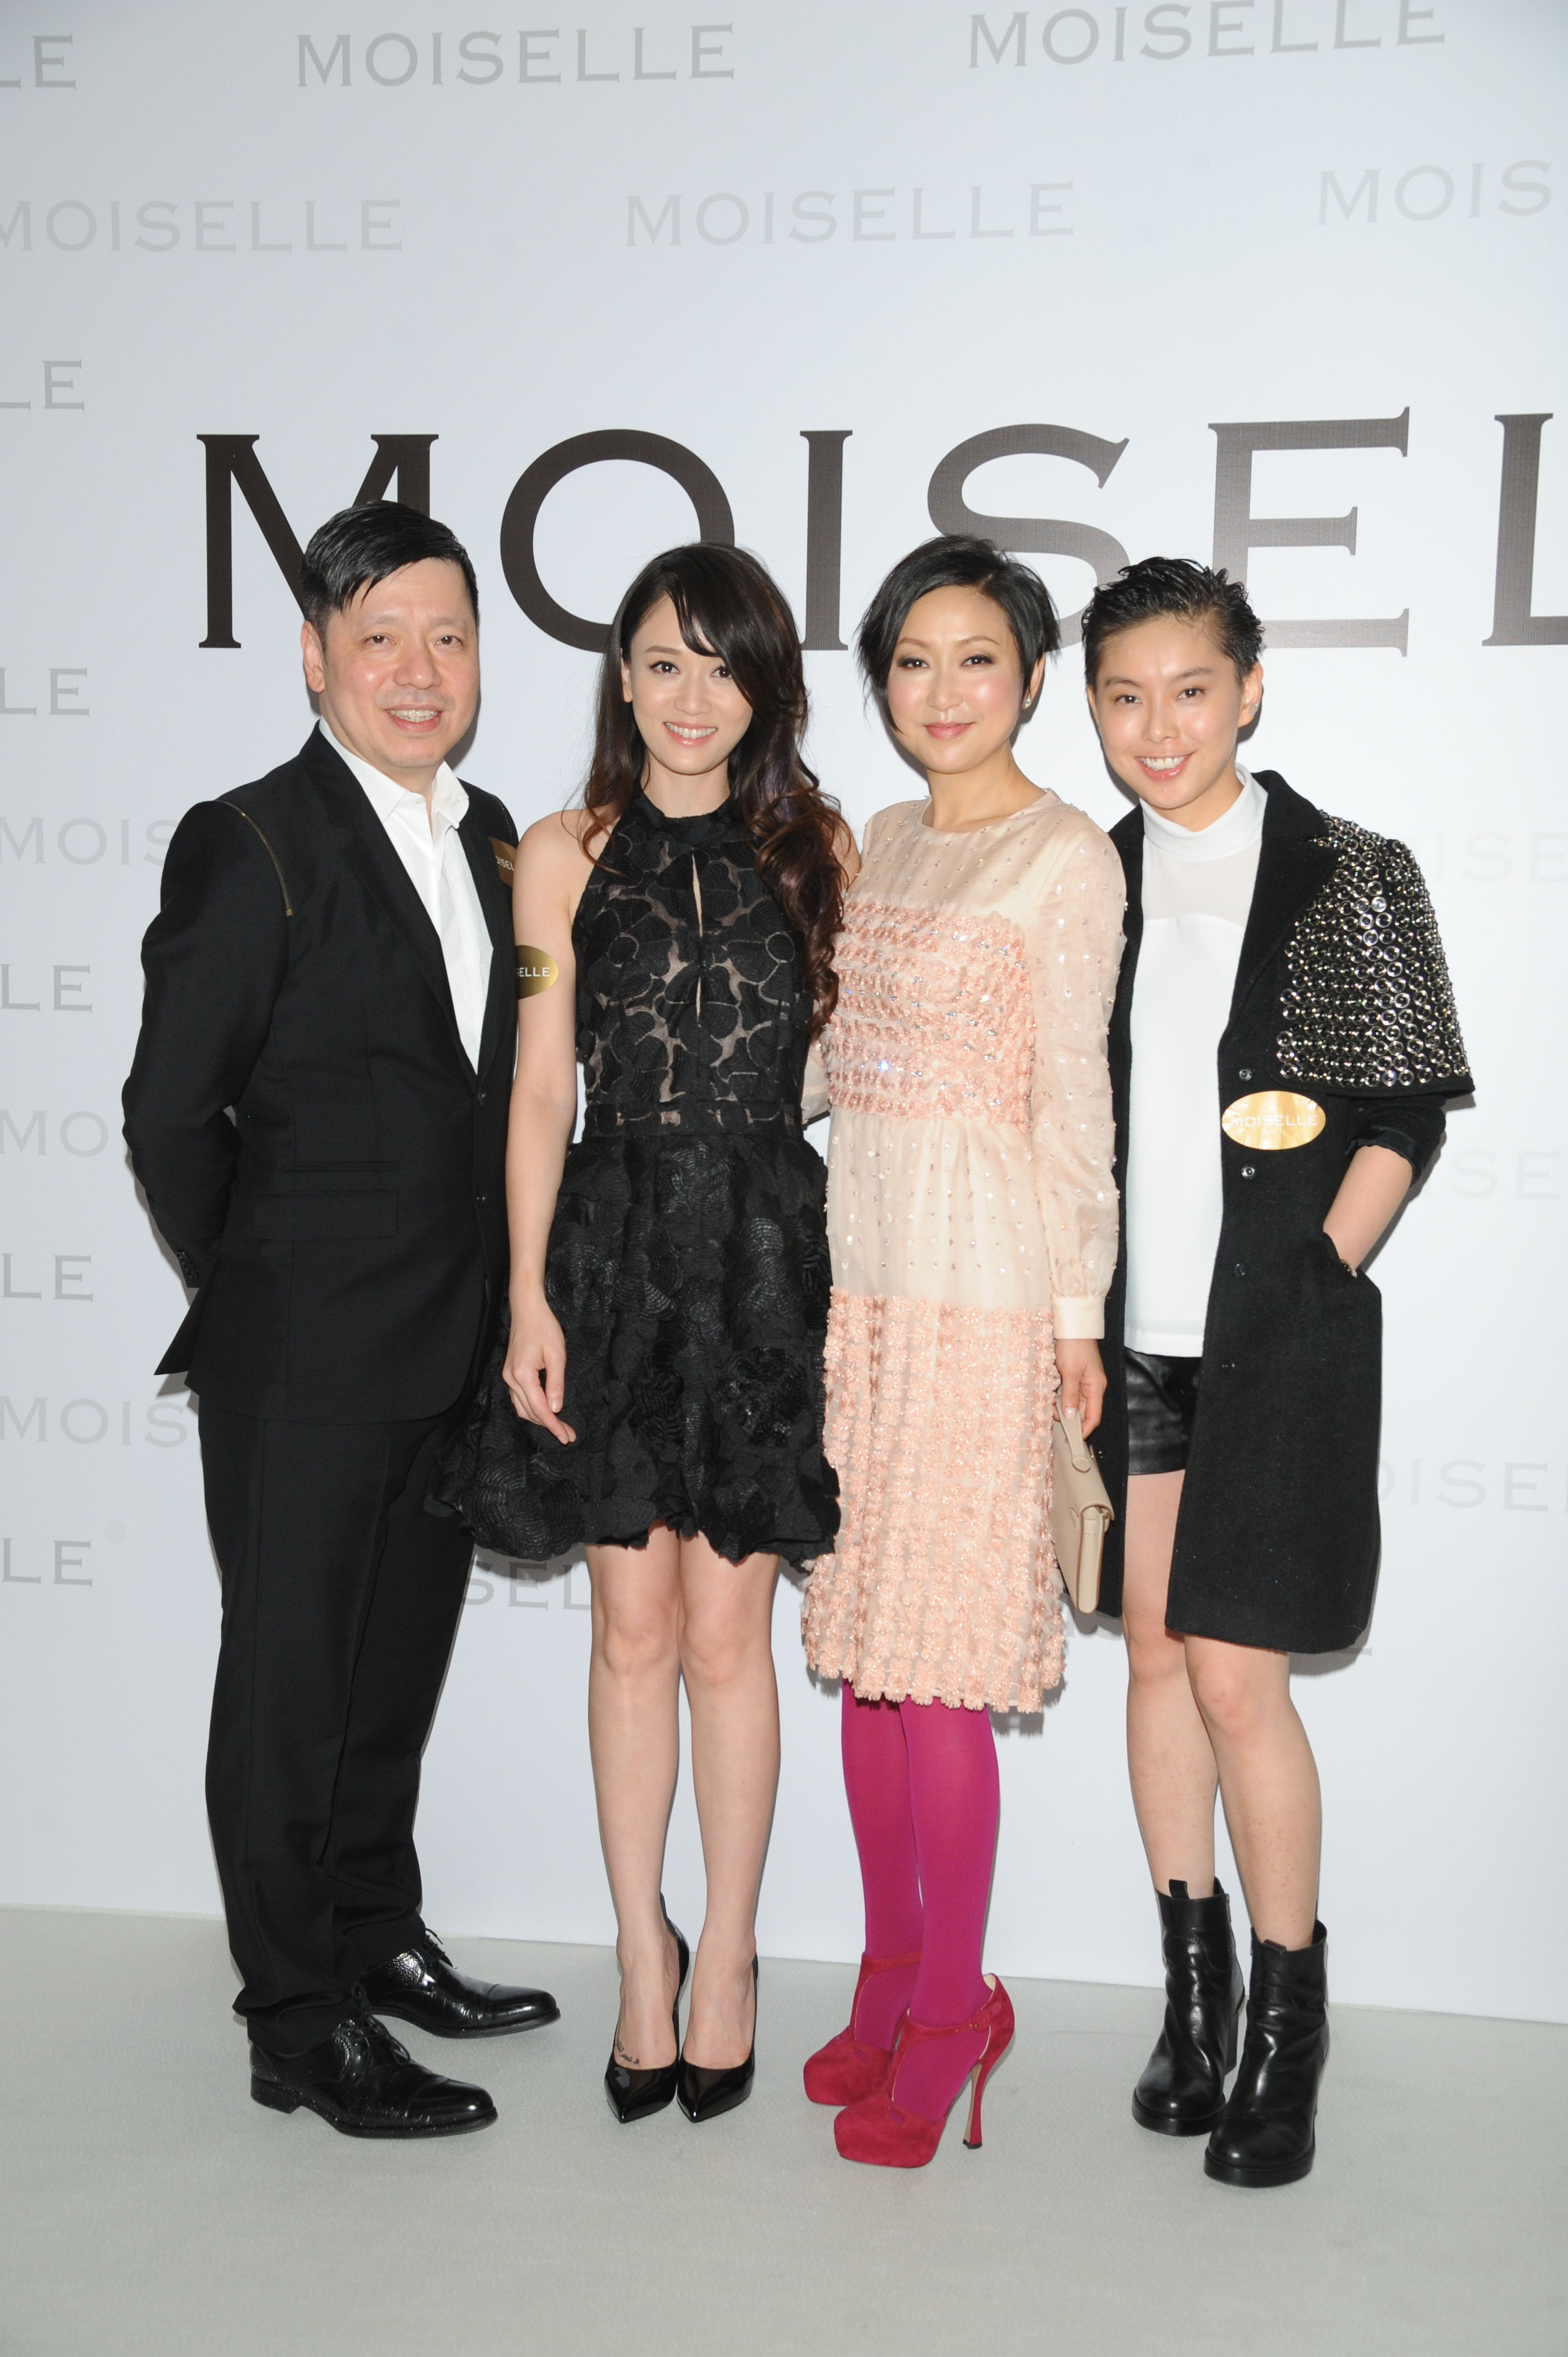 陈乔恩、陈法拉助阵MOISELLE2013年的美女秋冬管梓君图片